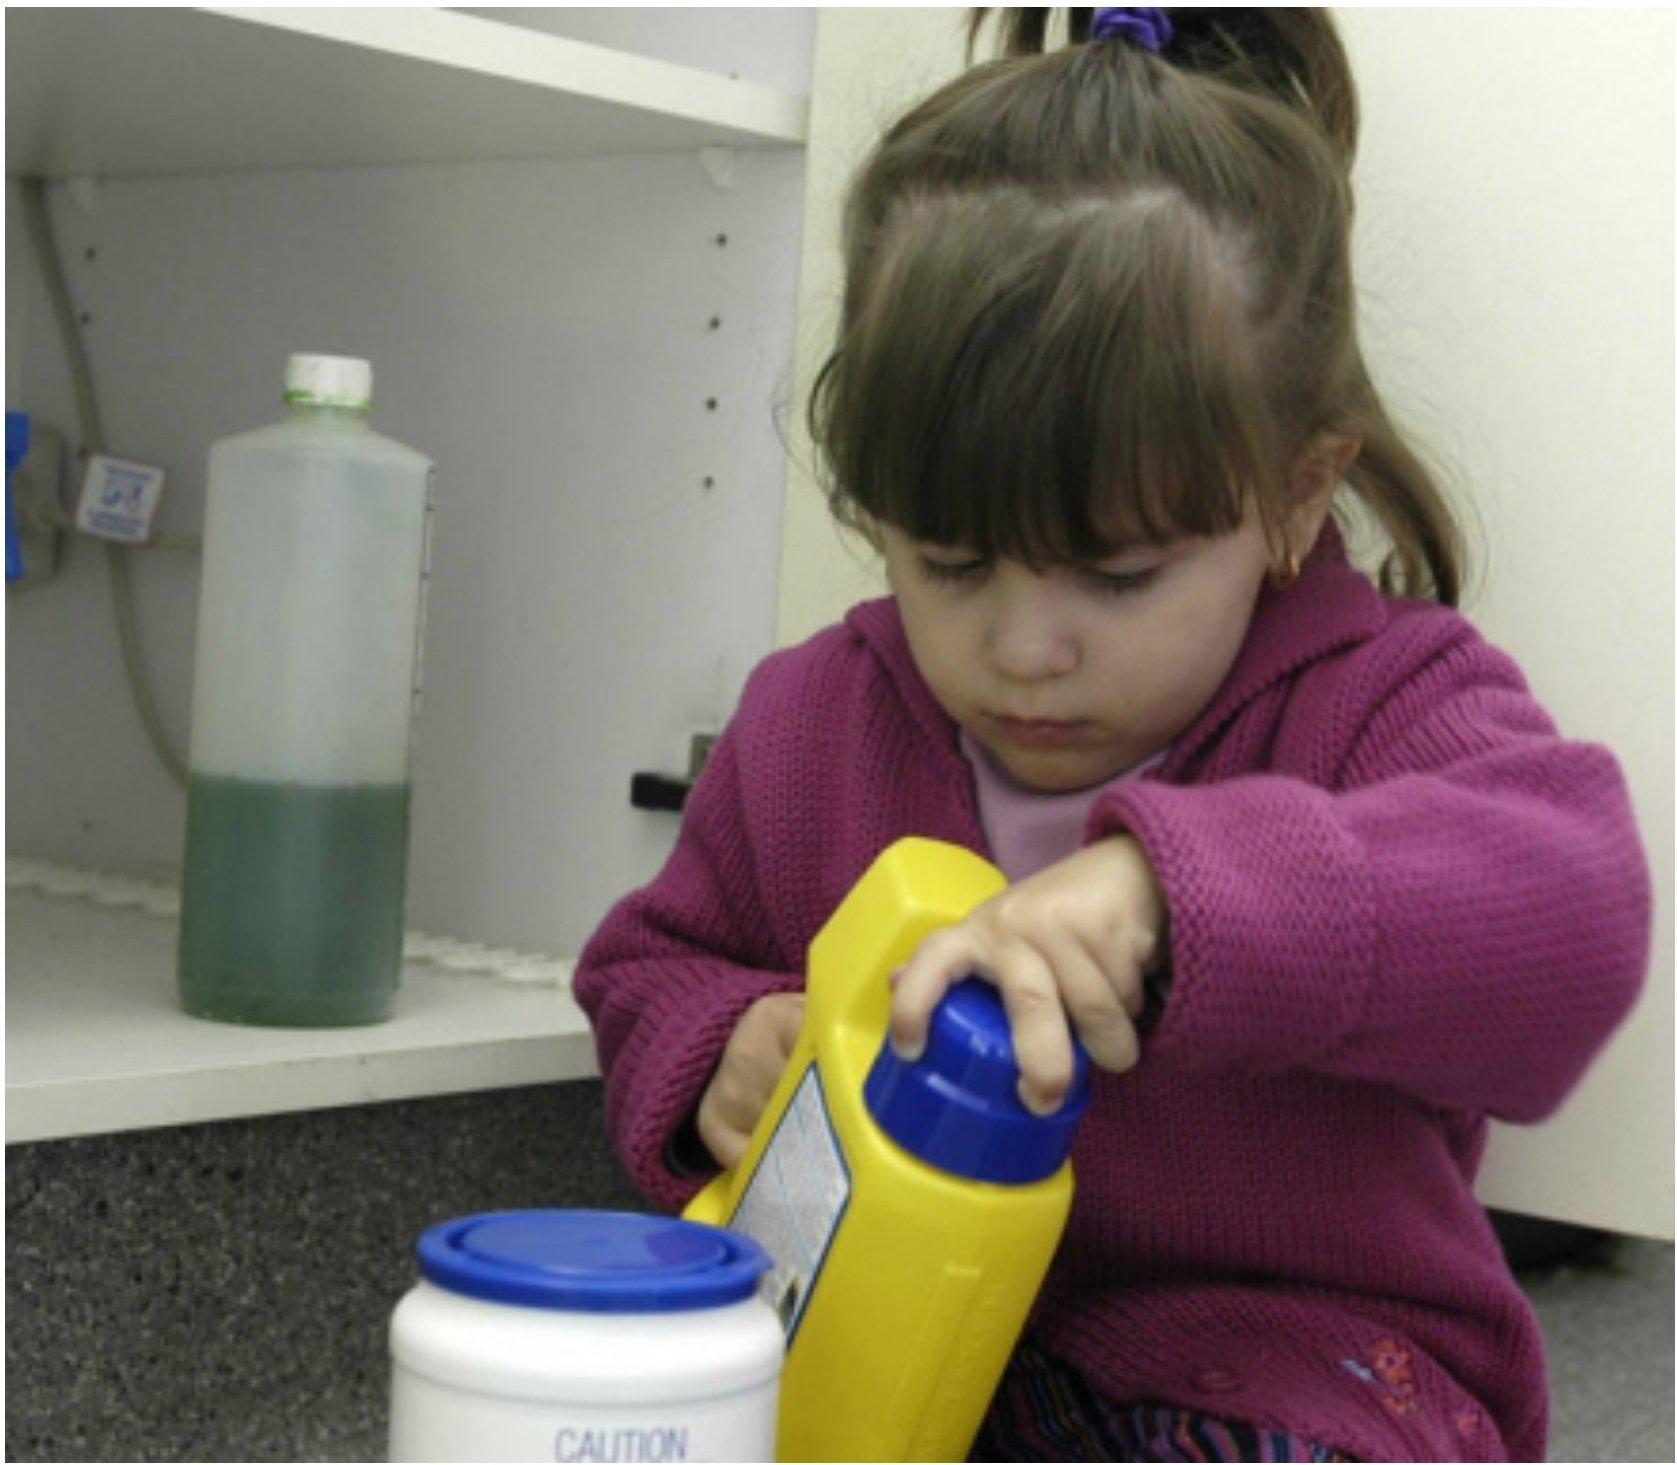 Малыши часто исследуют на вкус ароматные жидкости в ярких баночках, что приводит к печальным последствиям